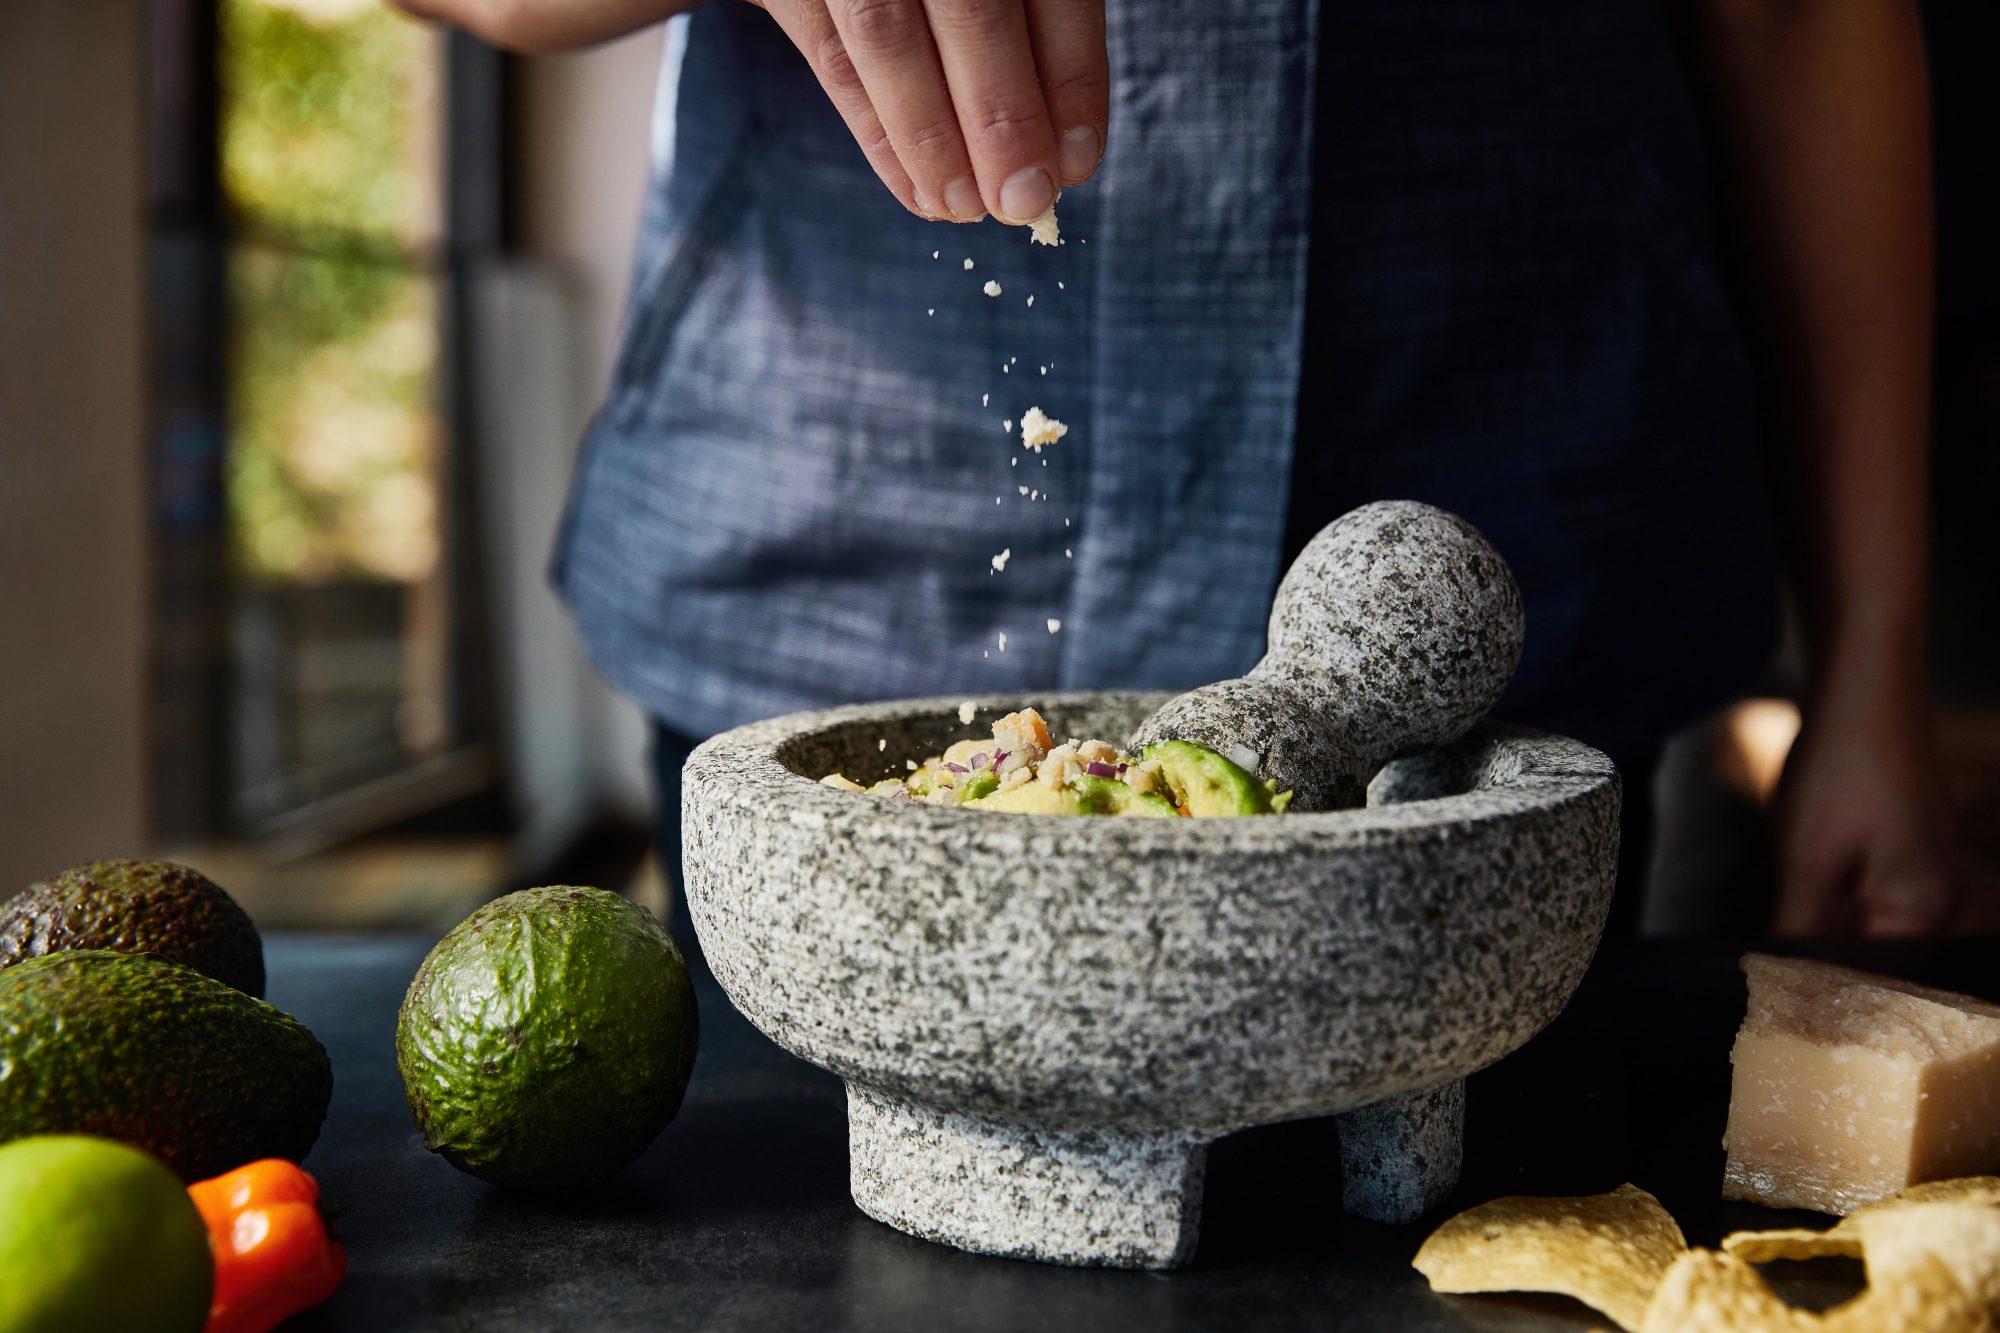 Puesto Perfect Guacamole cheese garnish courtesy PUESTO web